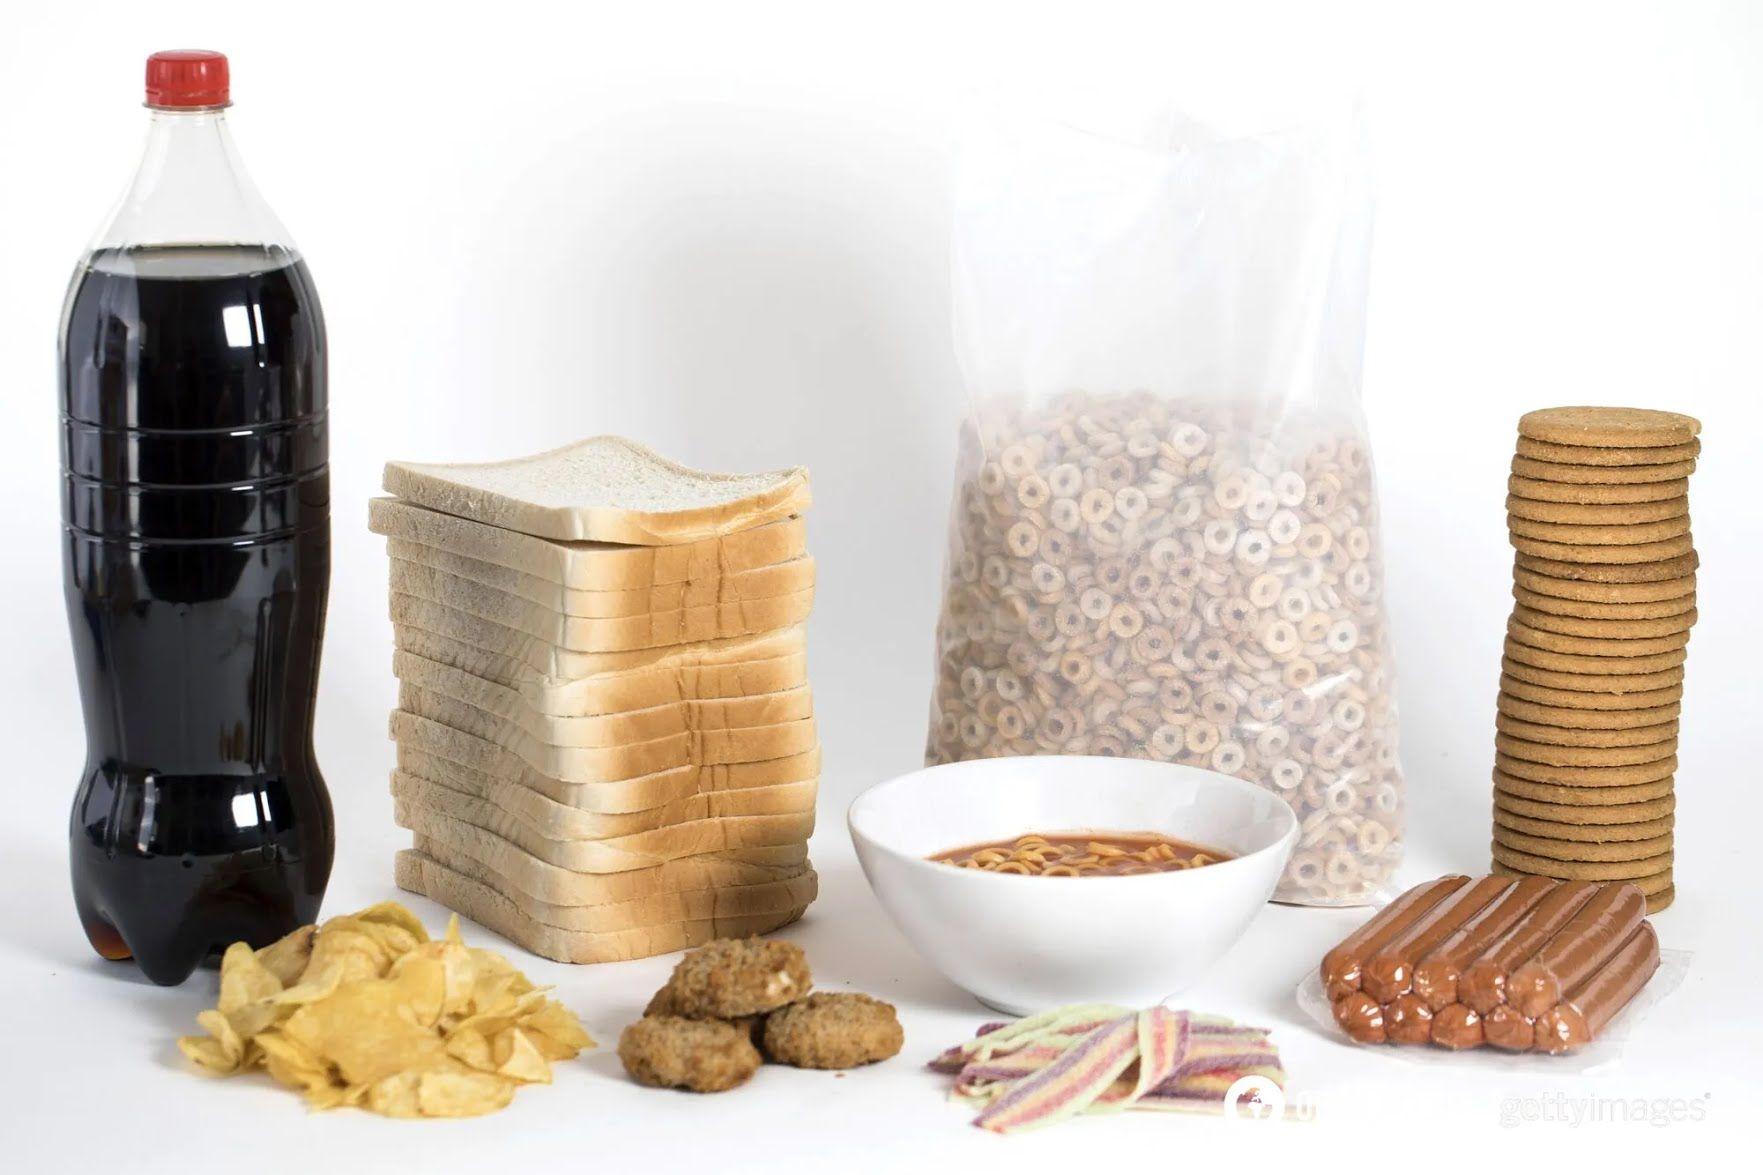 Ультрапастеризованные продукты